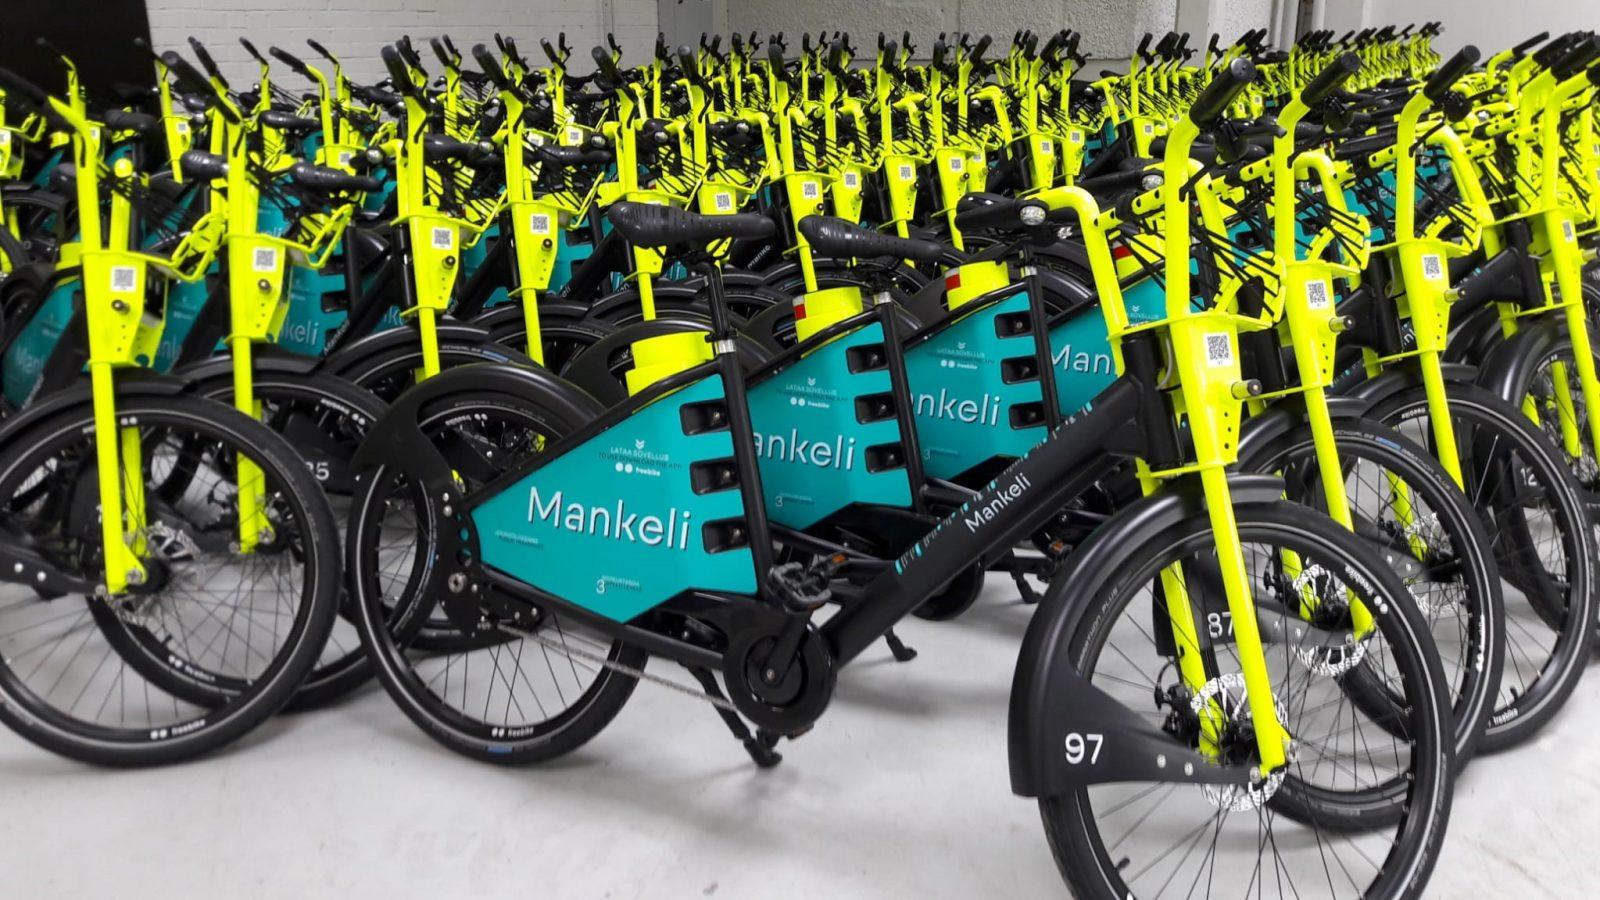 Lahden kaupunkipyörä on Mankeli.